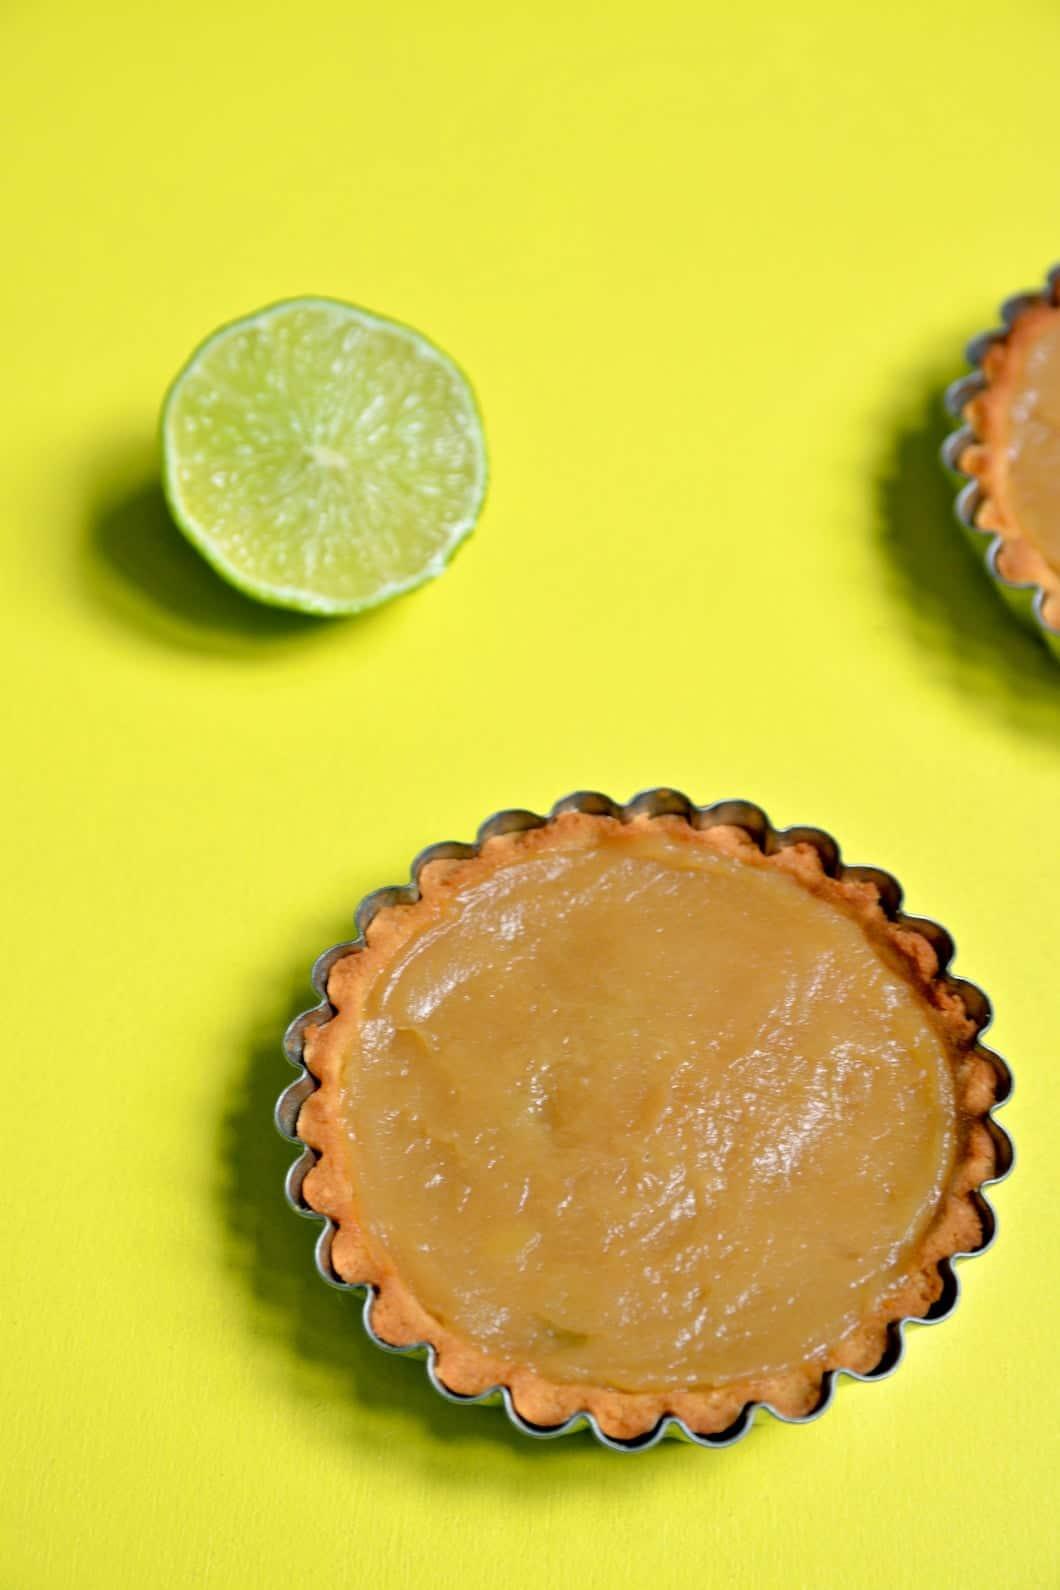 Ma recette de tartelettes à la noix de coco et au citron vert, sans gluten et sans lactose - 22 v'la Scarlett